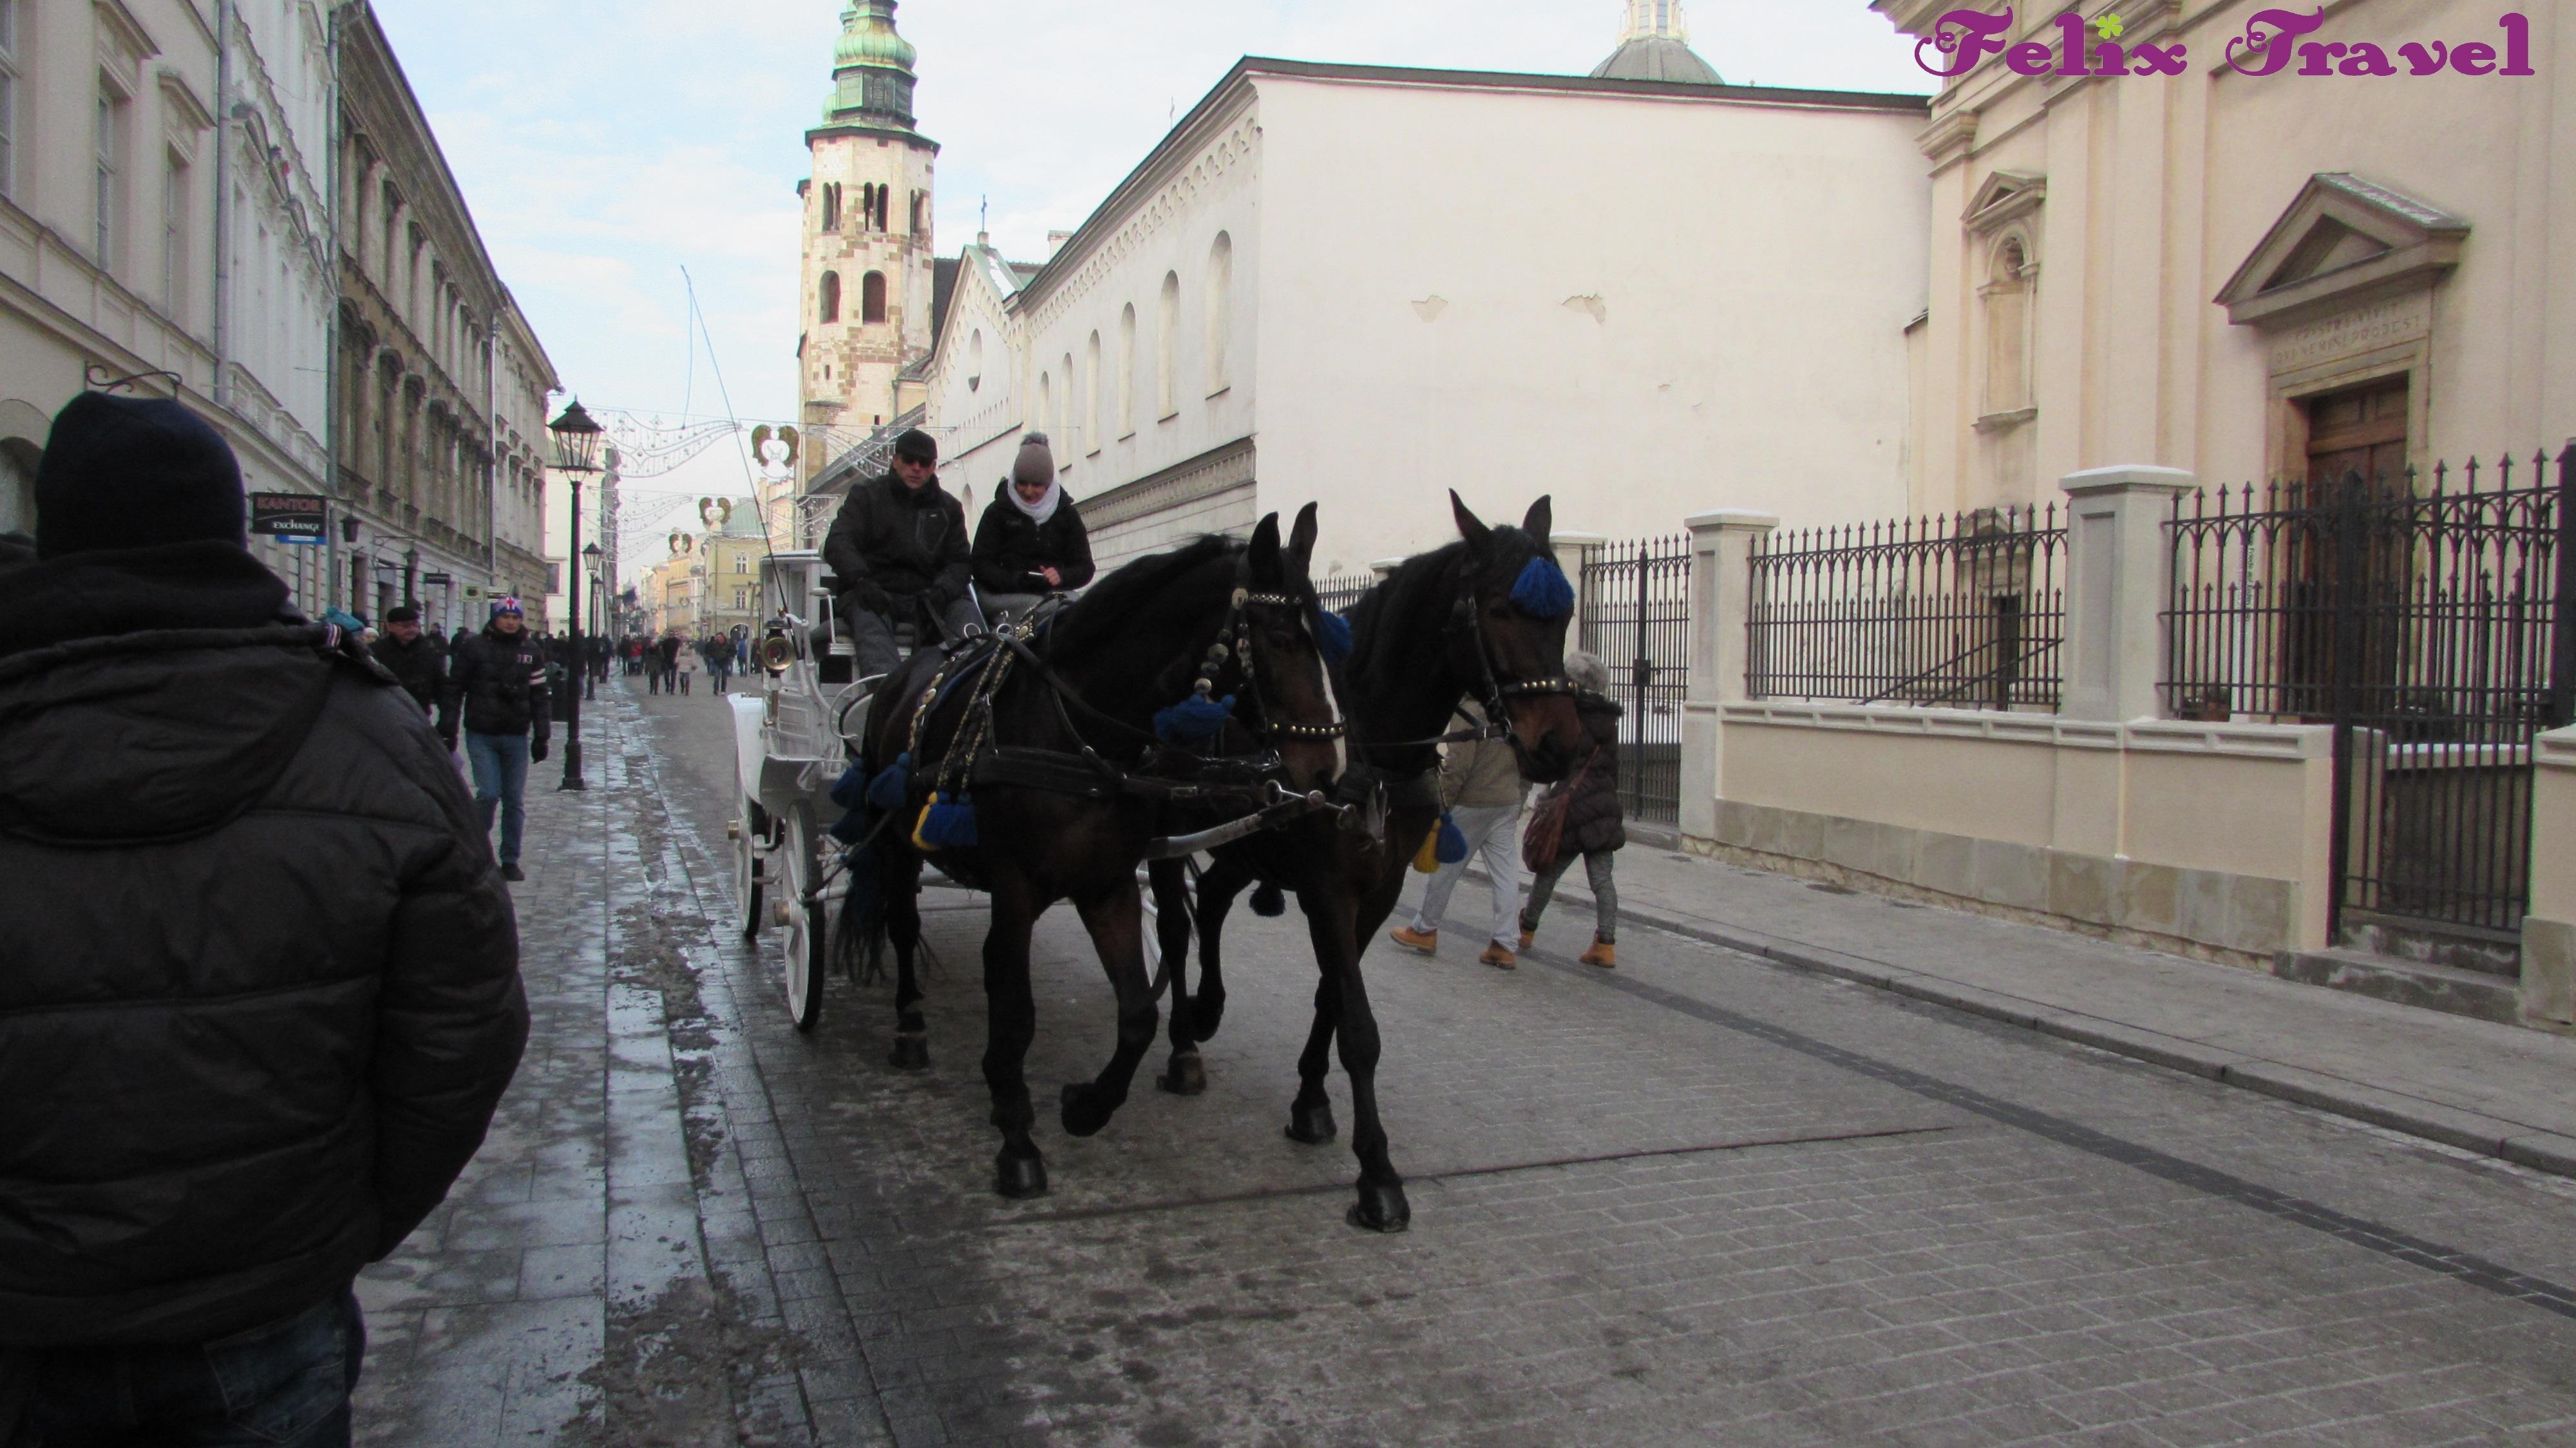 Prvi Maj Krakov 2018